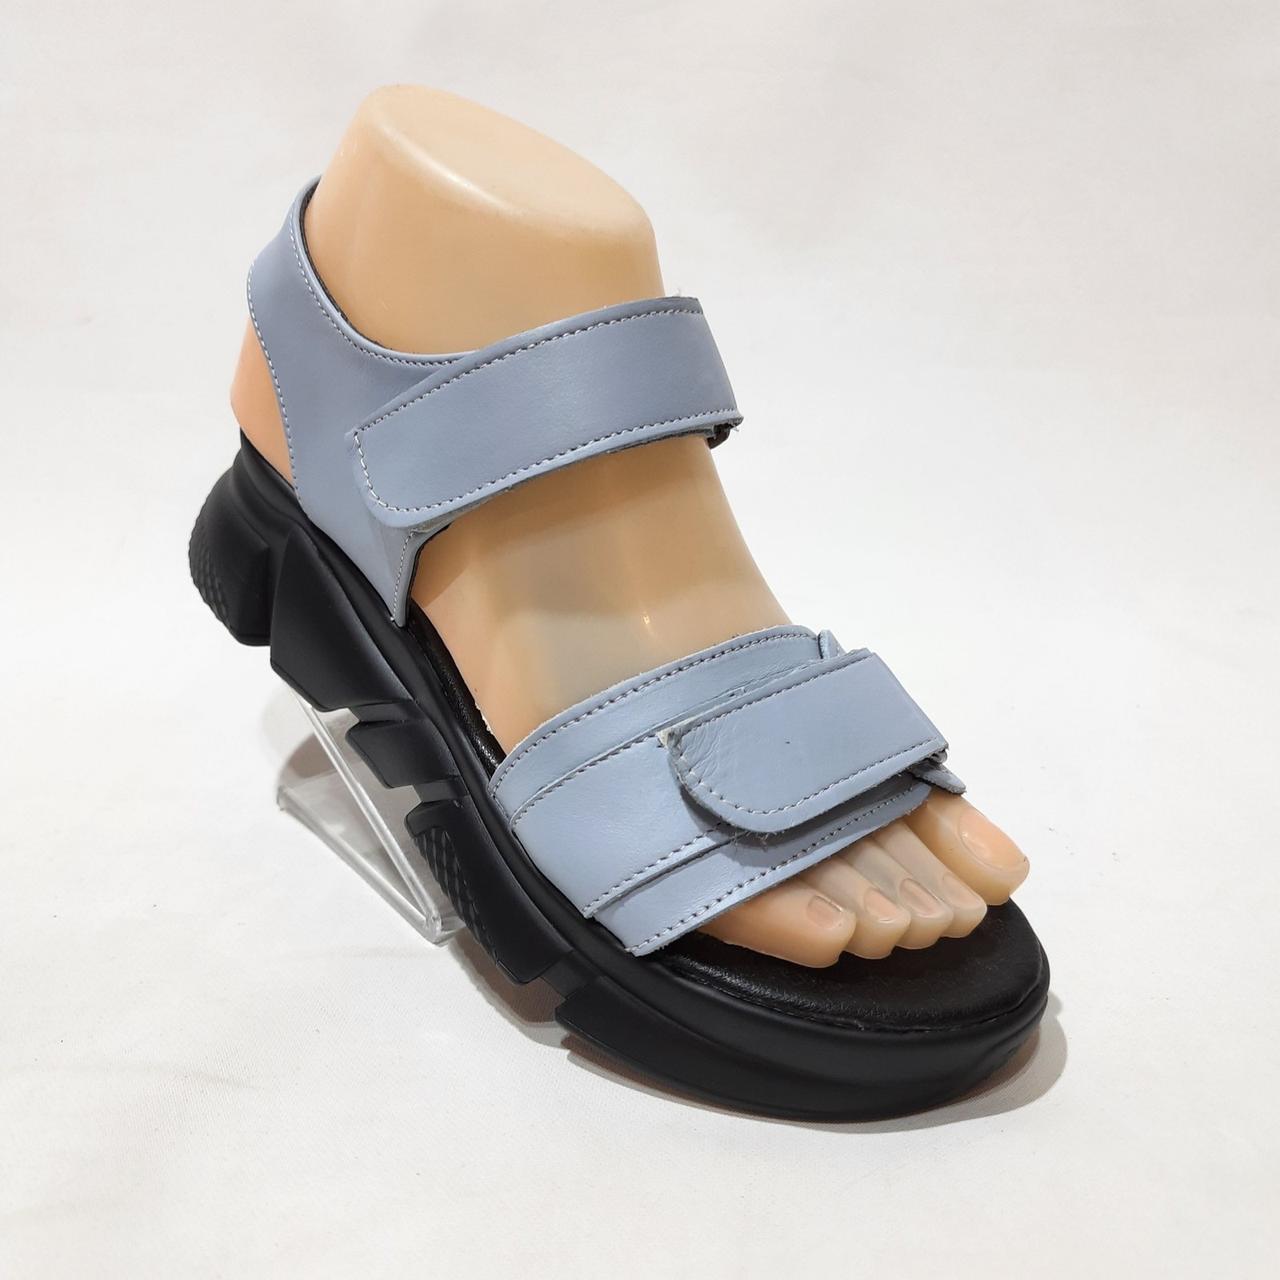 36,37 р. Жіночі сандалі, босоніжки натуральна шкіра на плоскій підошві на липучці Остання пара